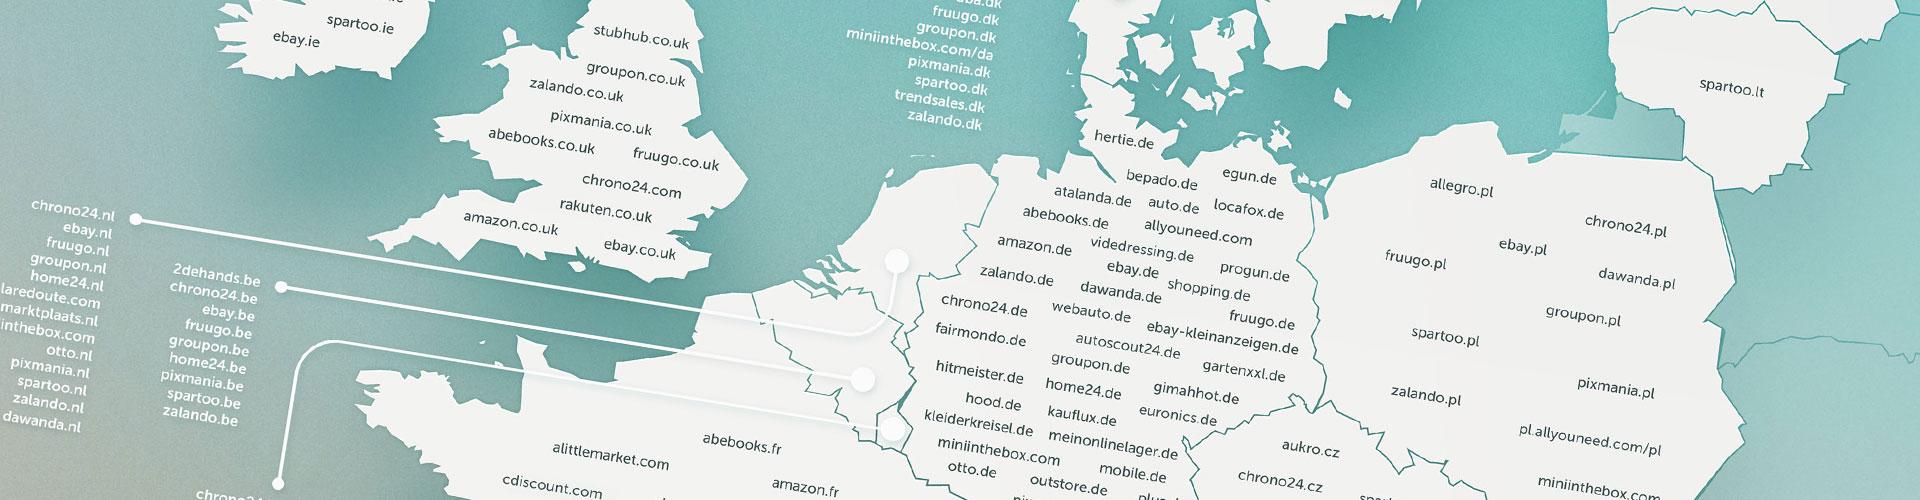 Blog » Eurotext AG